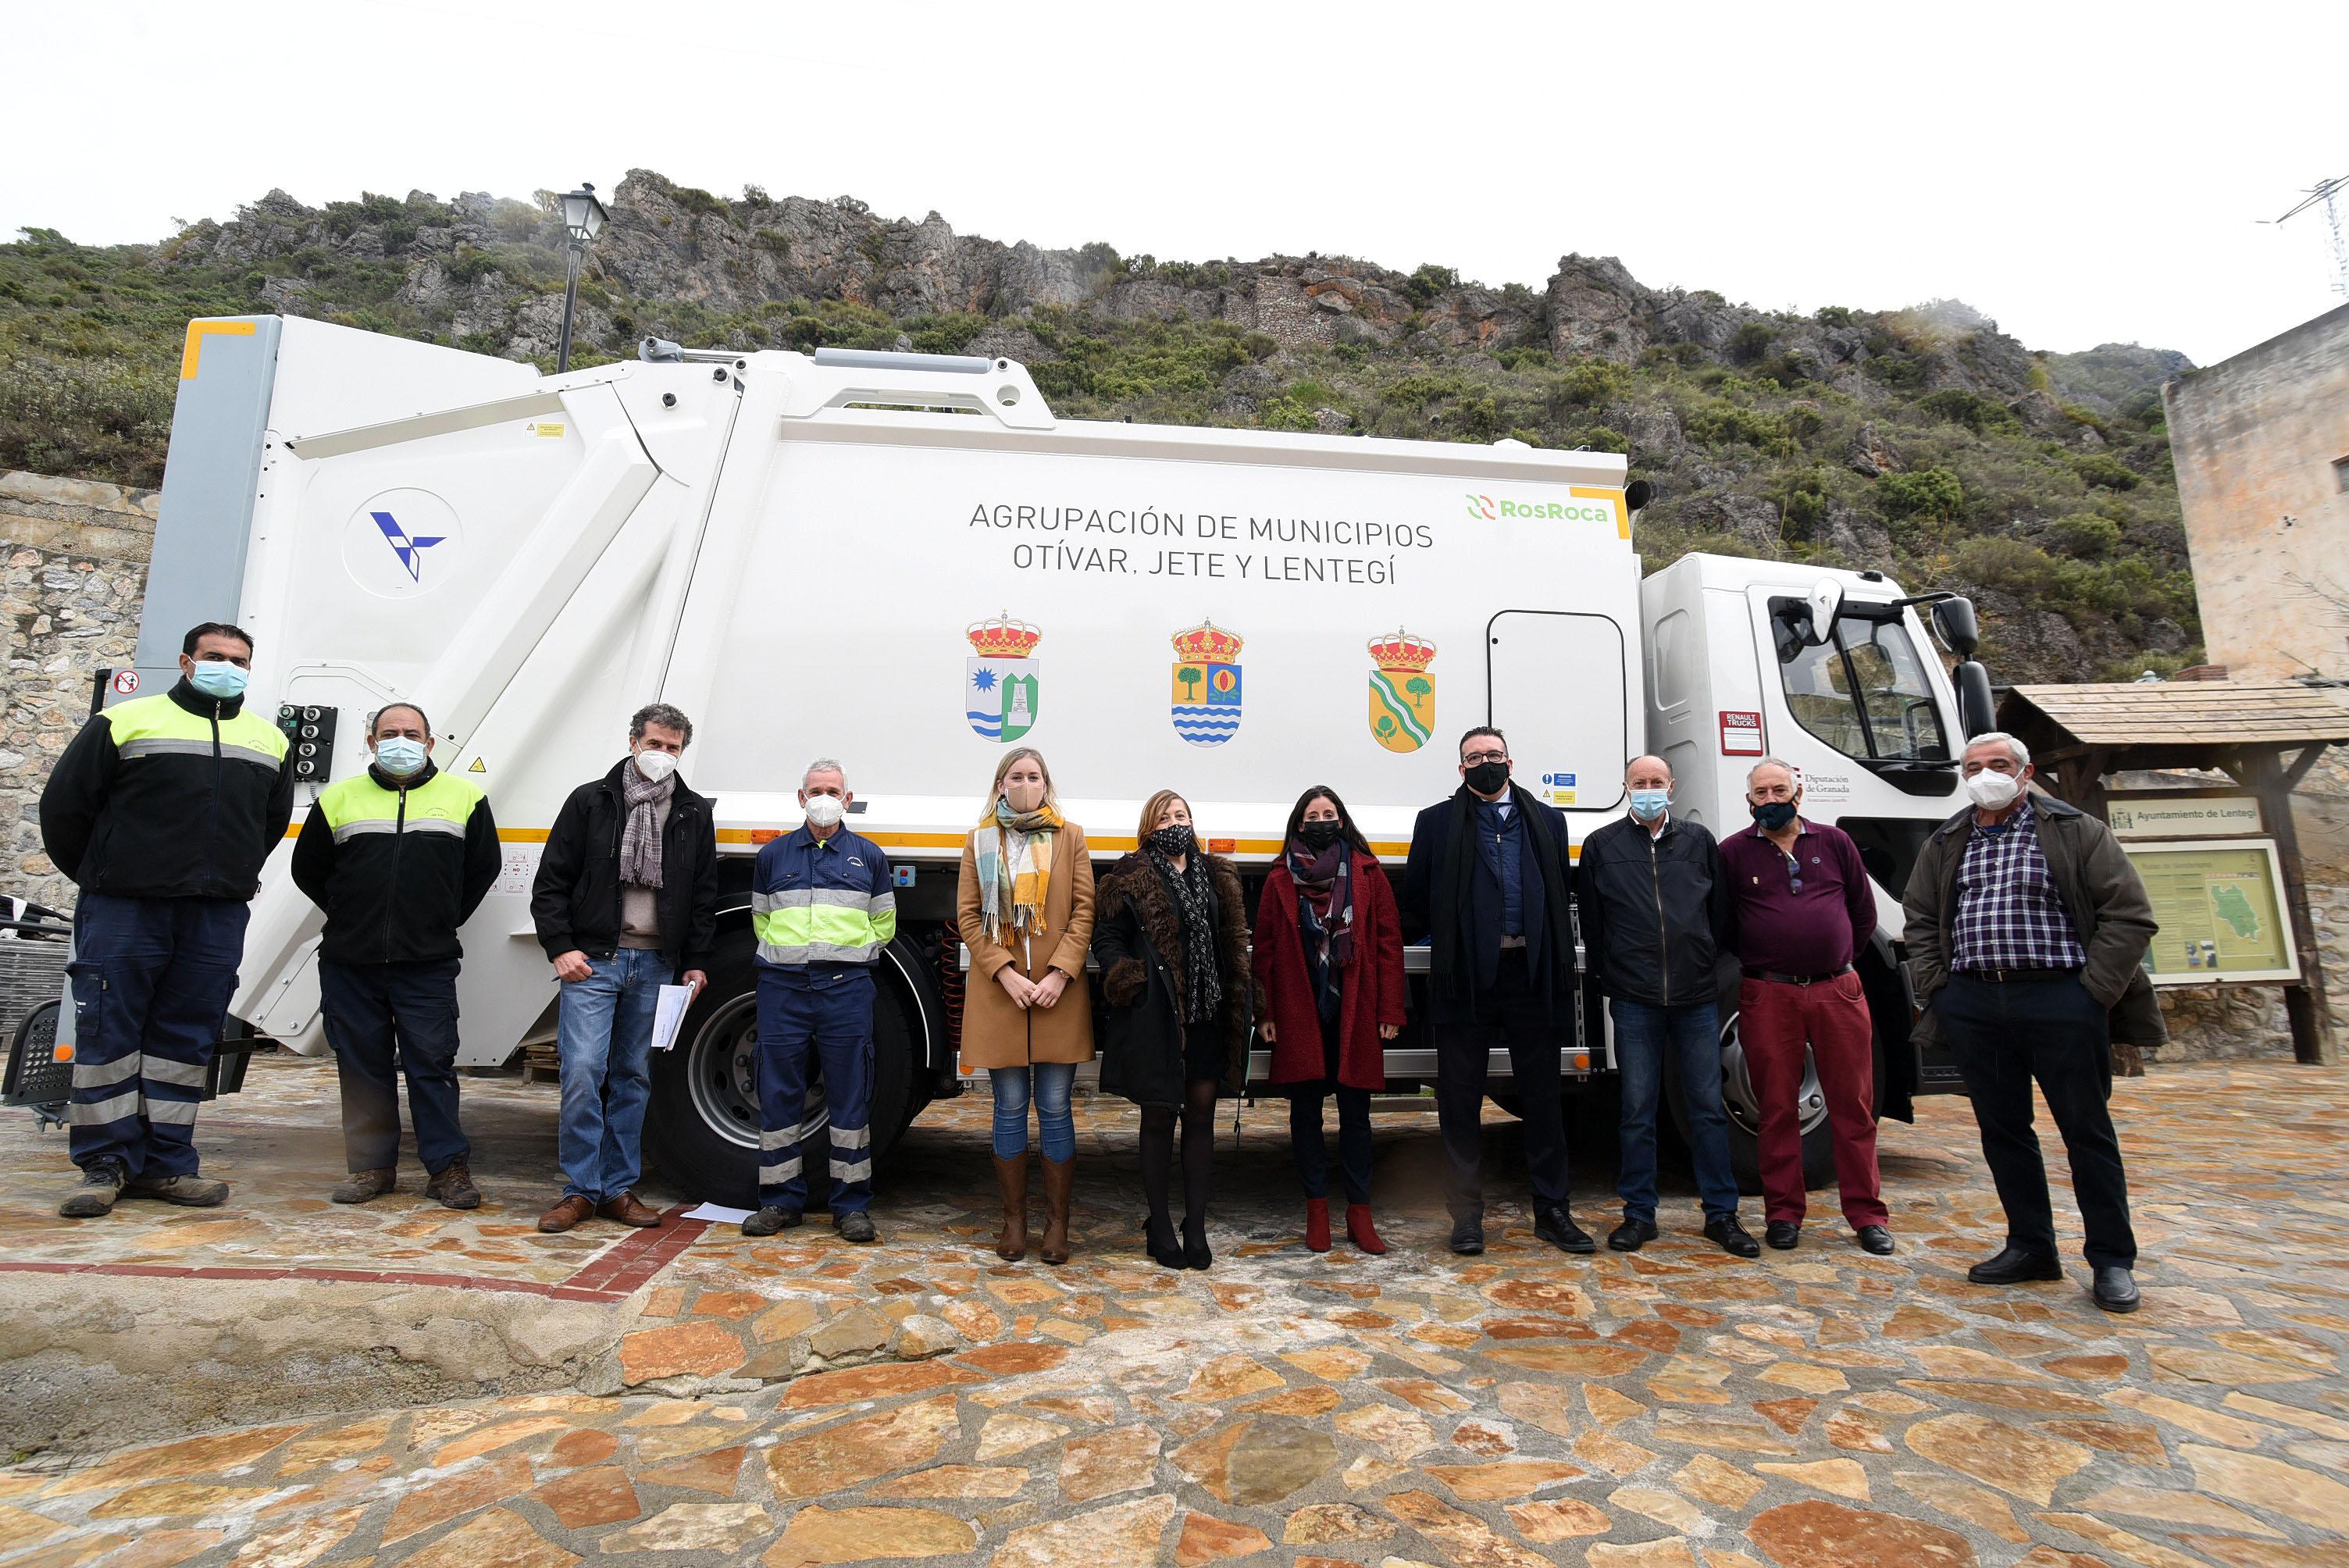 Jete, Otívar y Lentegí incorporan un nuevo vehículo de recogida de residuos